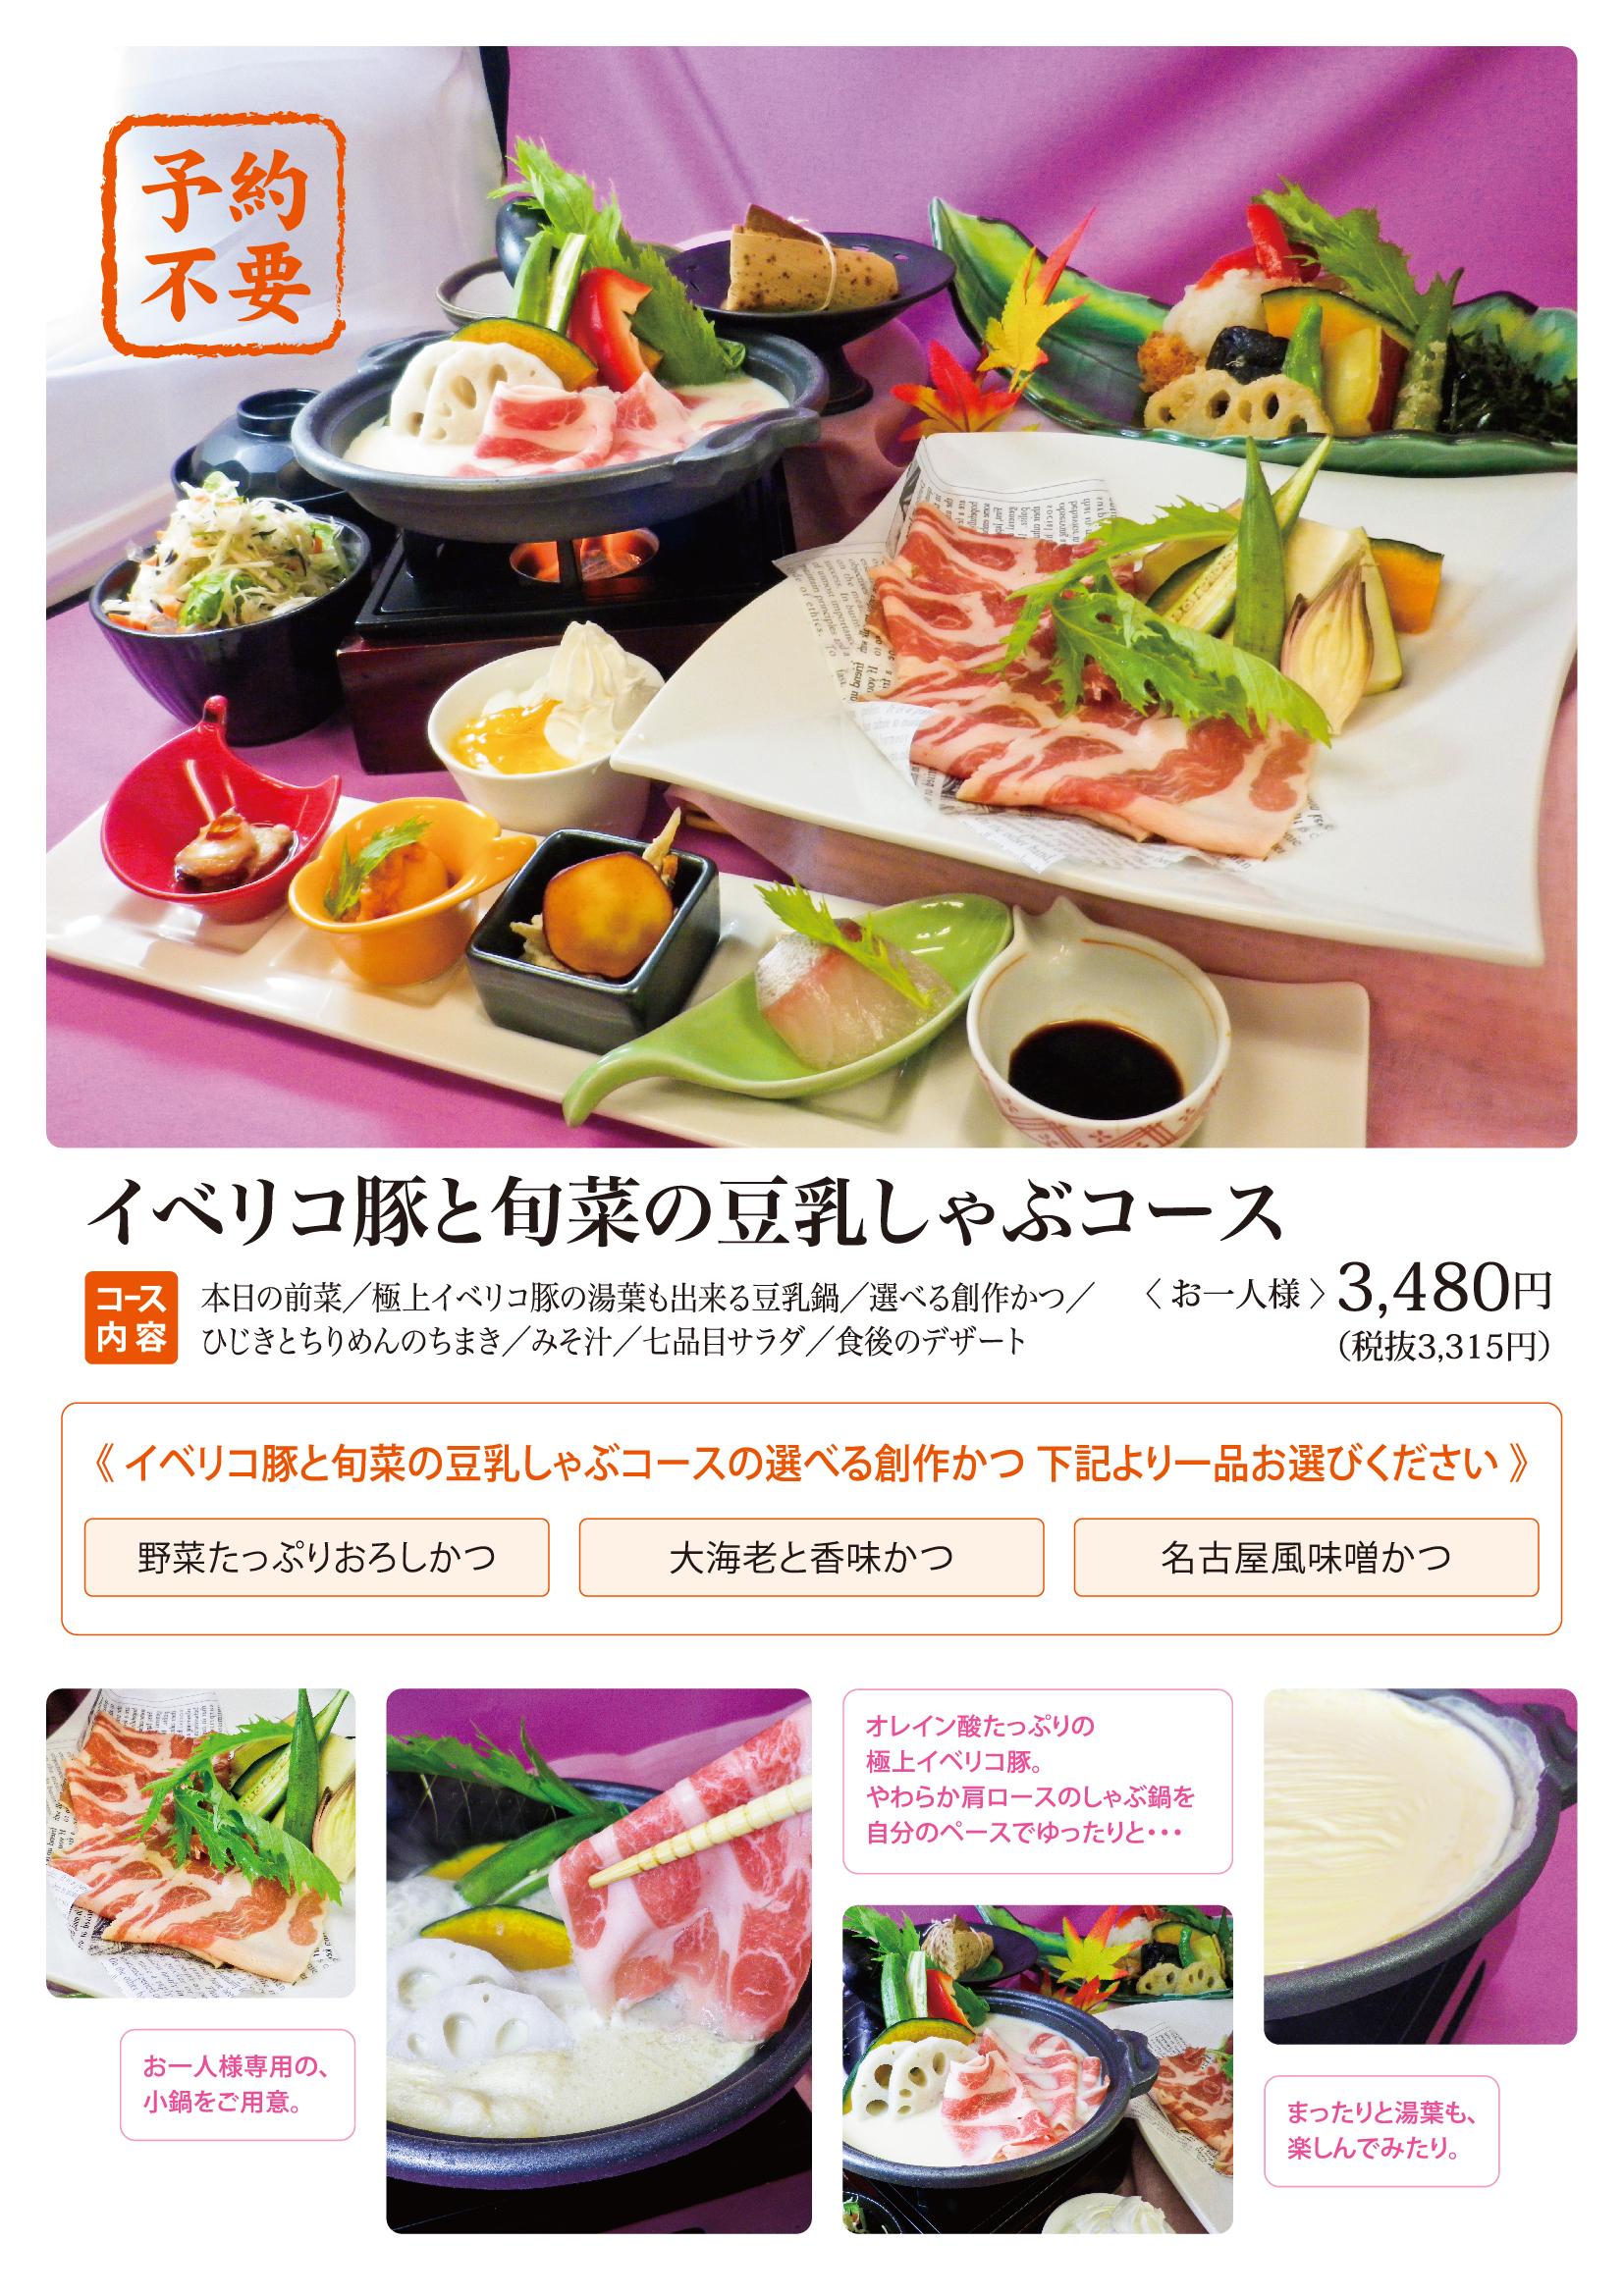 とんかつ味里-メニューブック-宴会コース